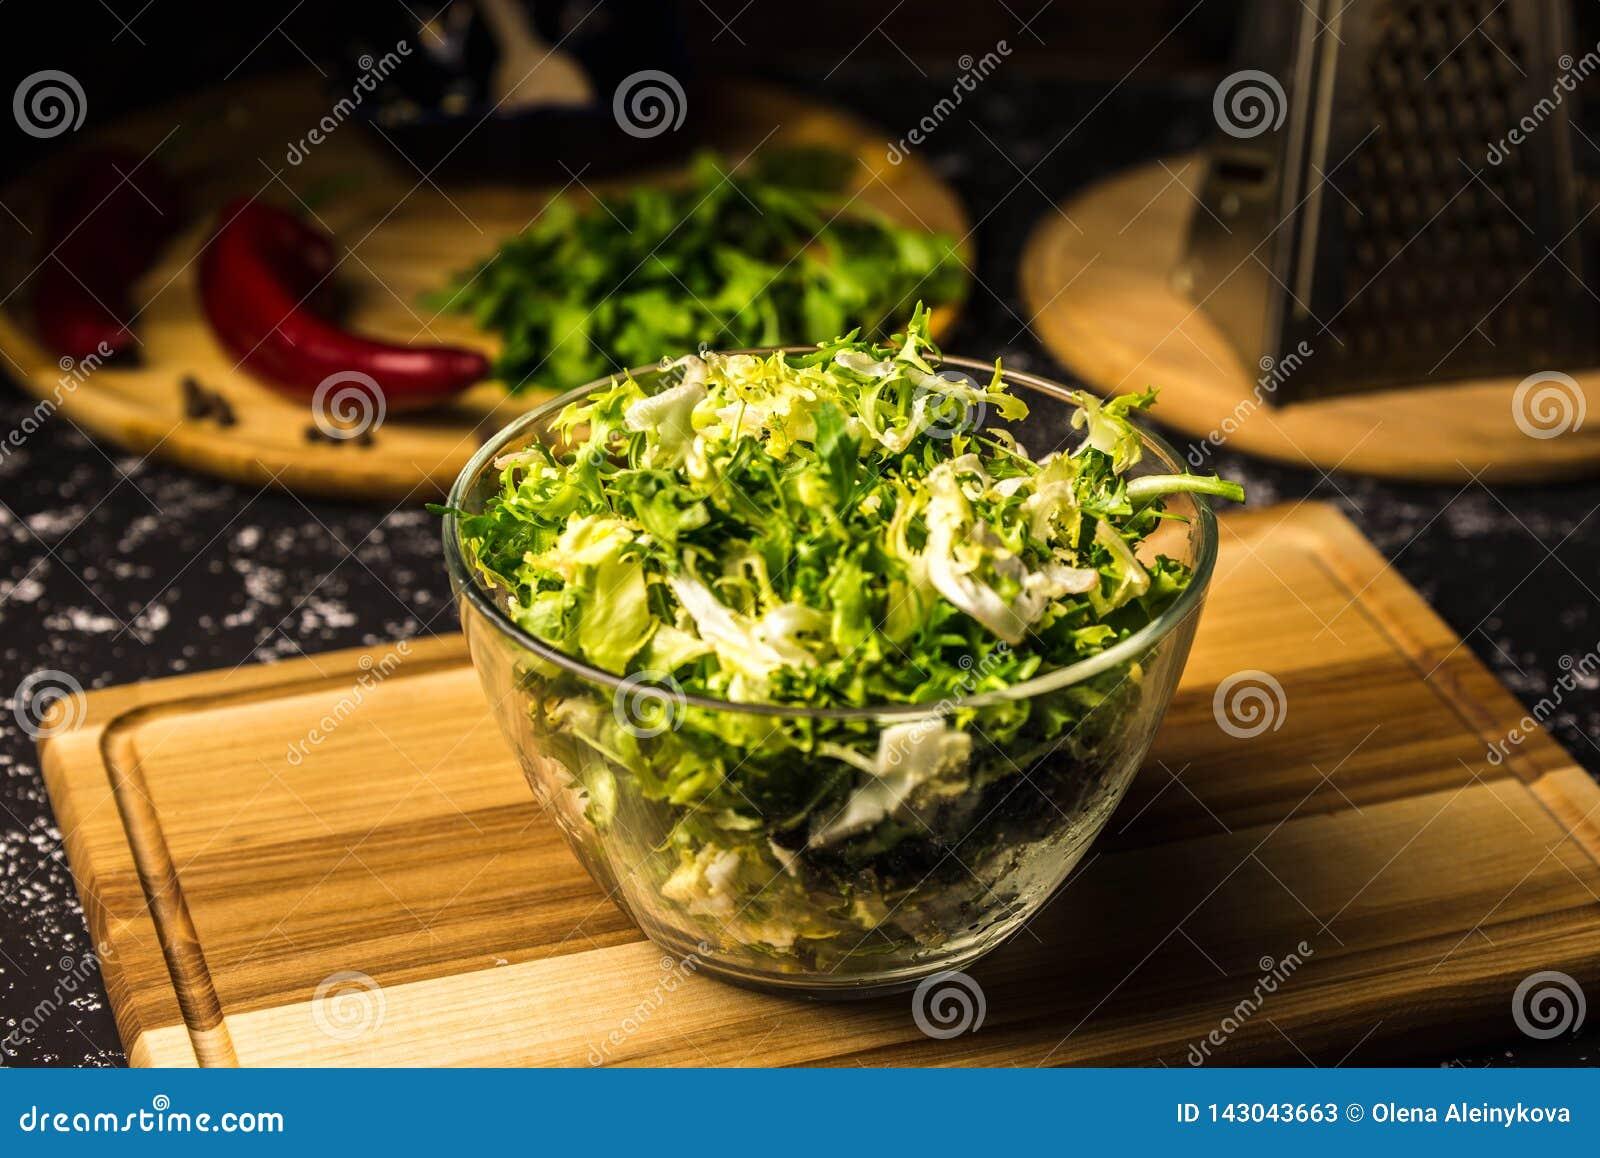 Salada do couve-de-bruxelas em uma bacia de vidro em uma placa de madeira